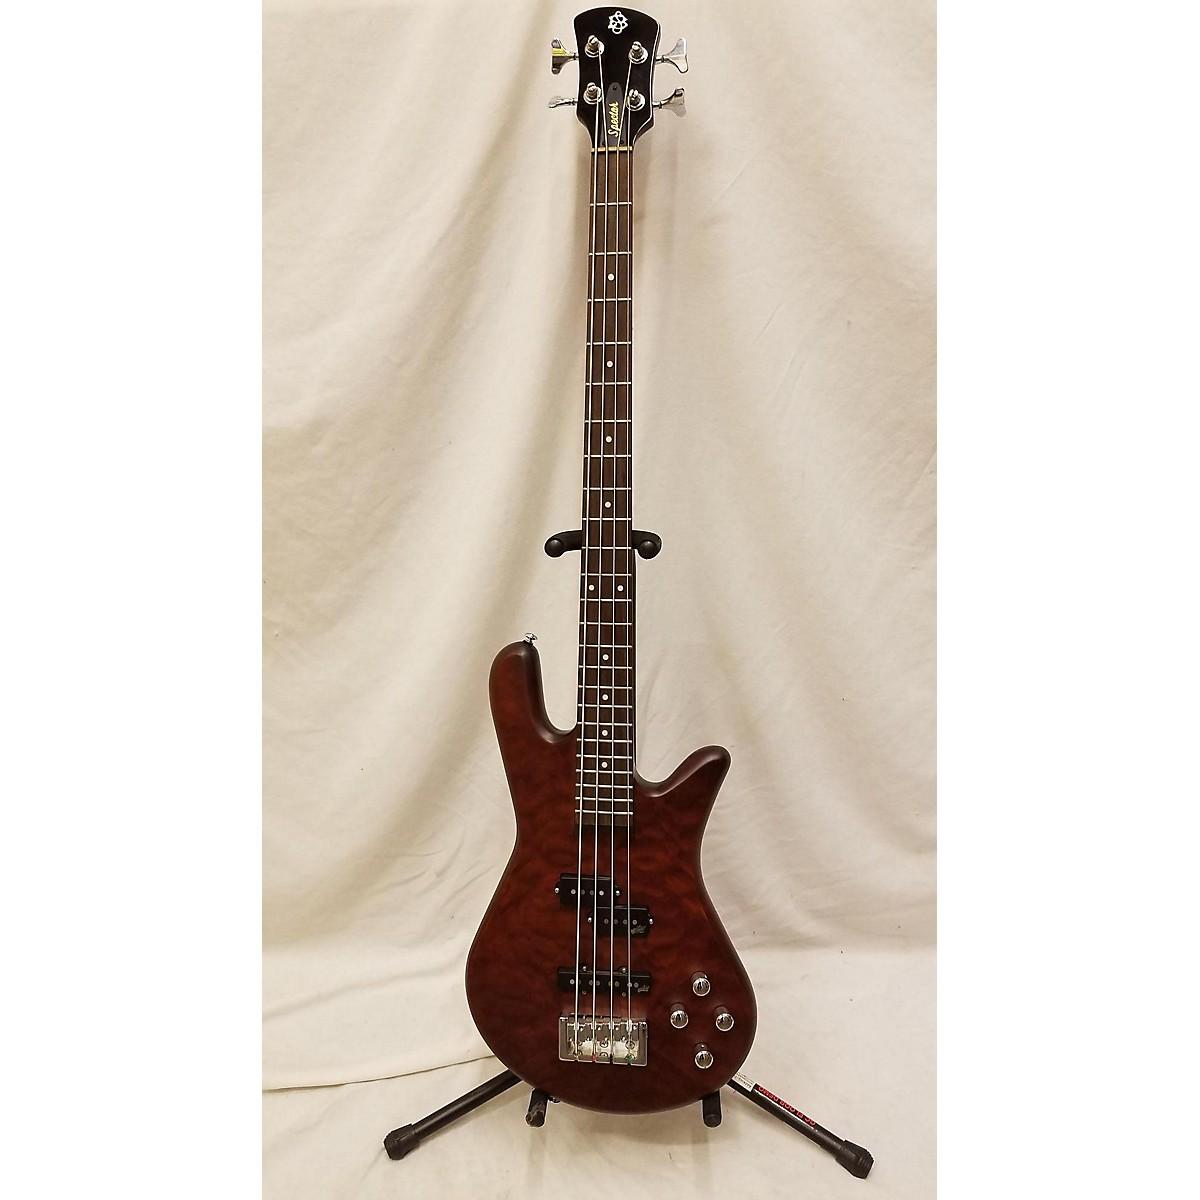 Spector 2010s Legend 4 Neck Through Electric Bass Guitar